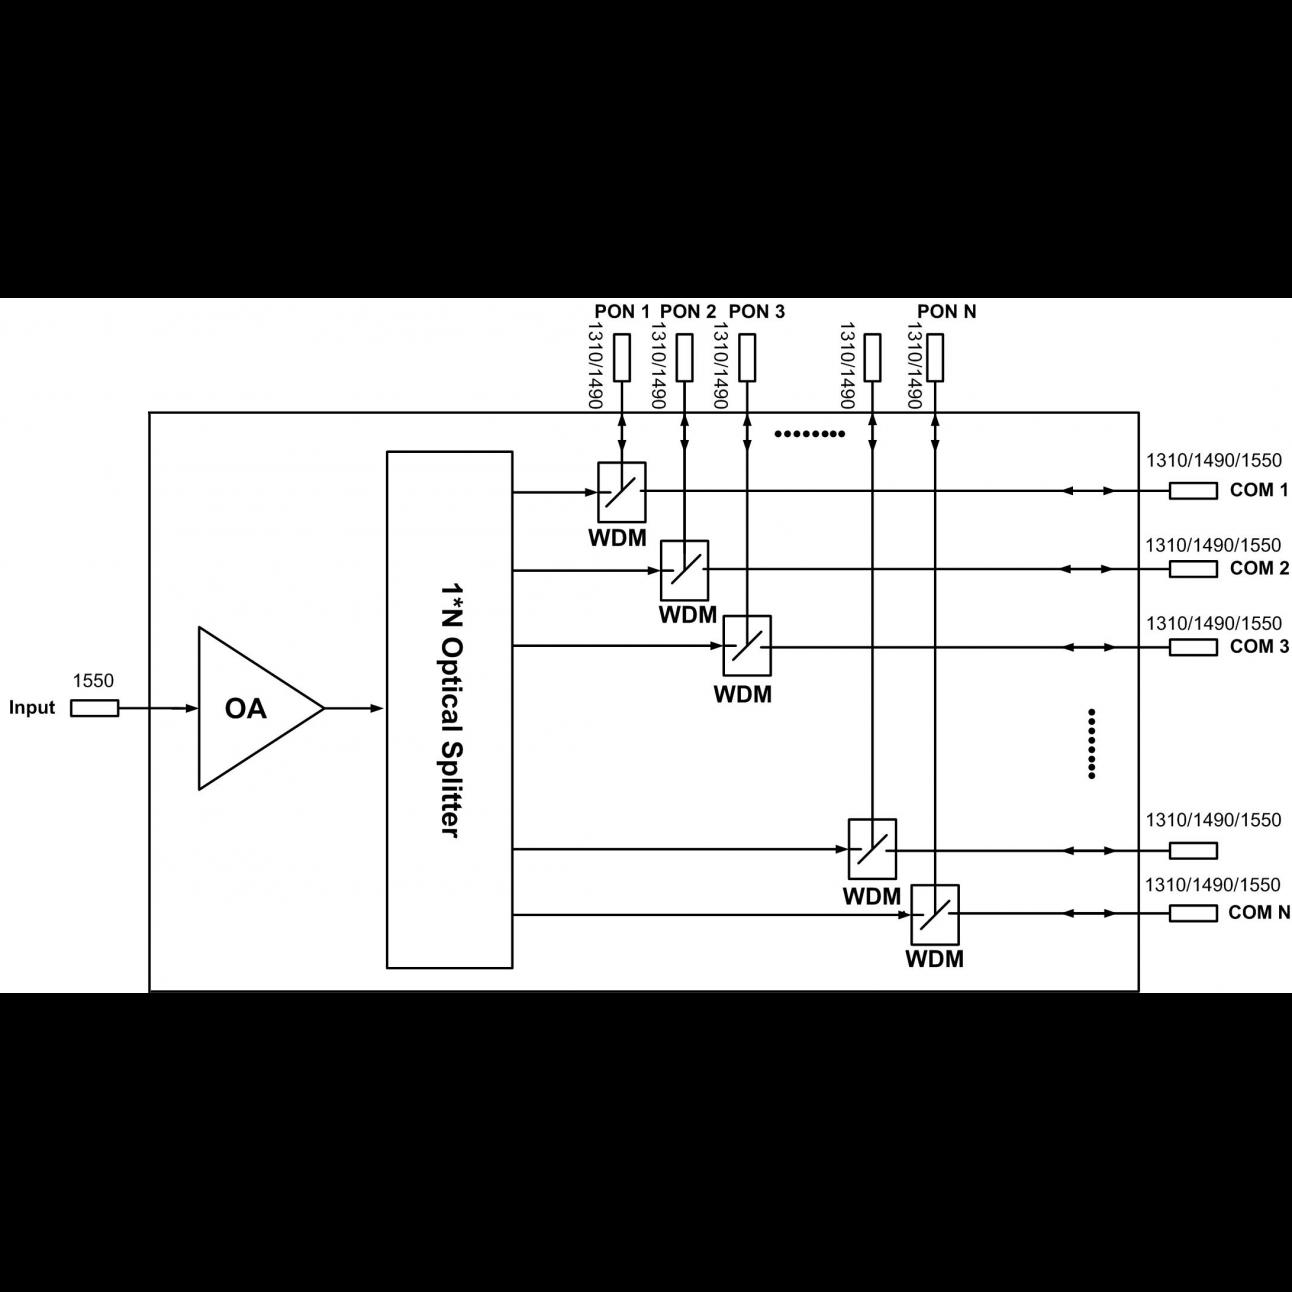 Оптический усилитель VERMAX для сетей КТВ, 8*22dBm, WDM фильтр PON